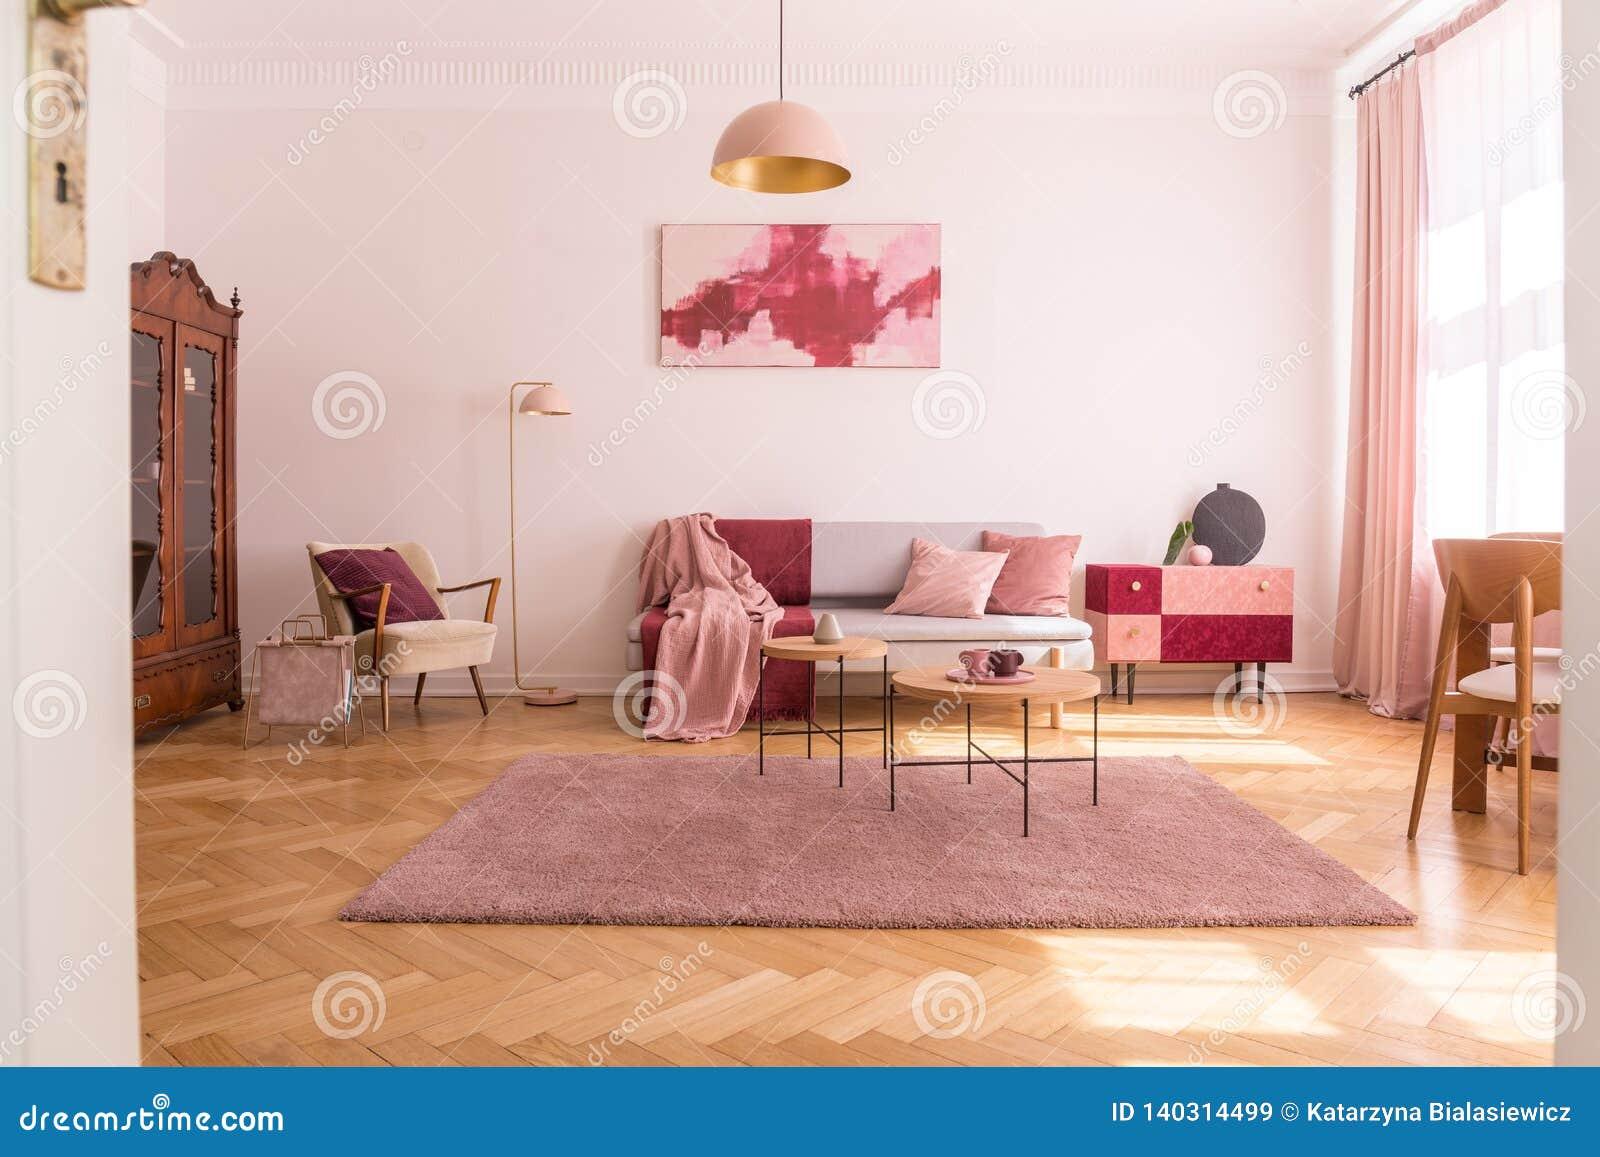 Interior de moda de la sala de estar con el sofá gris con las almohadas rosadas y manta en colores pastel, butaca beige elegante